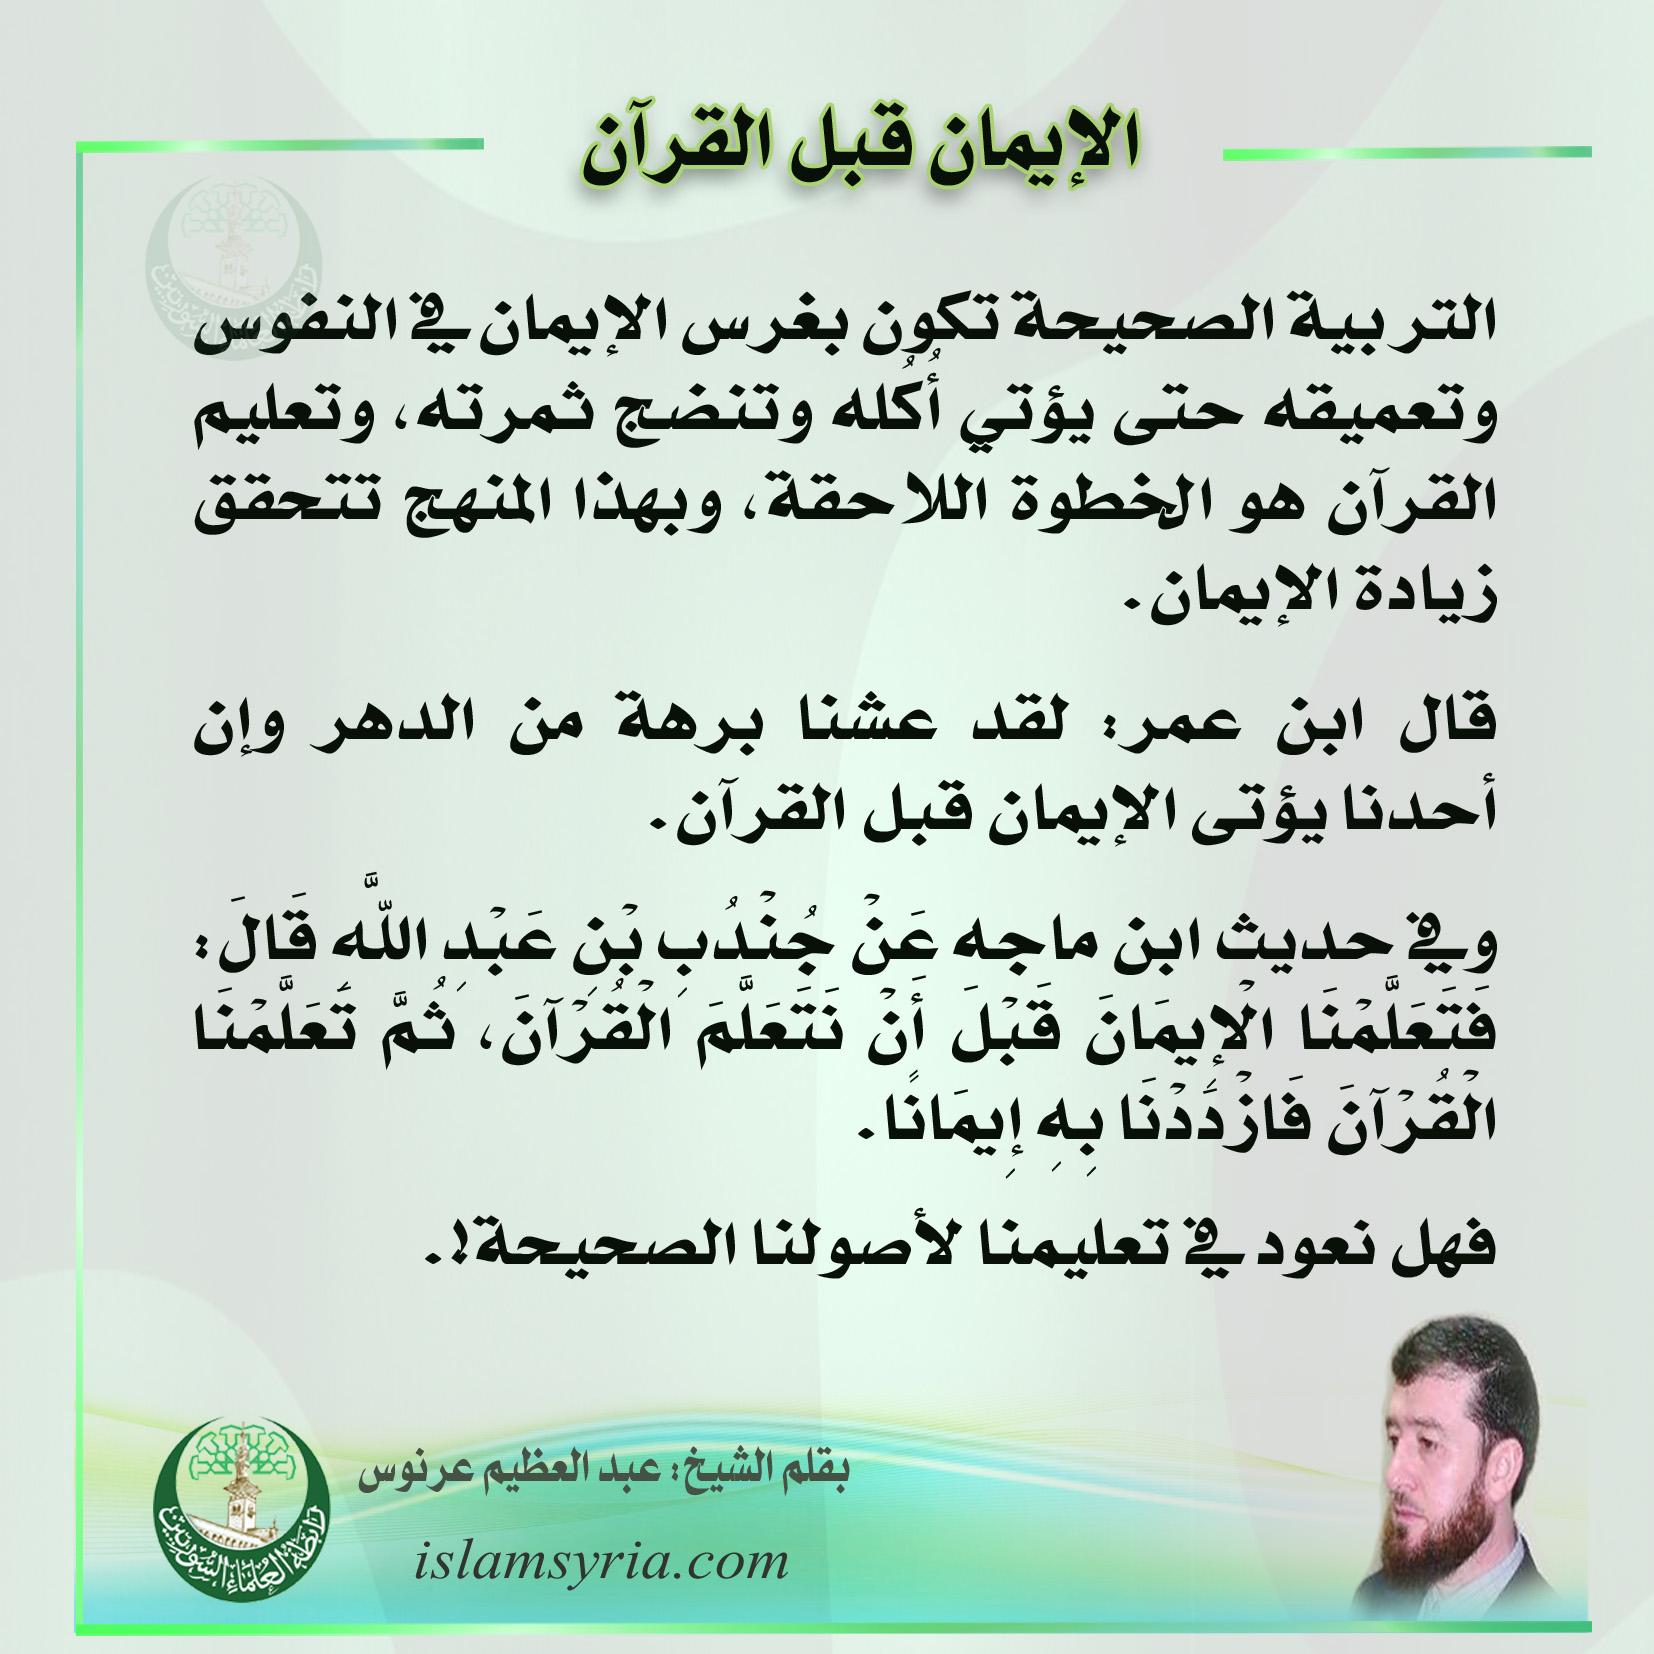 الإيمان قبل القرآن||الشيخ عبد العظيم عرنوس